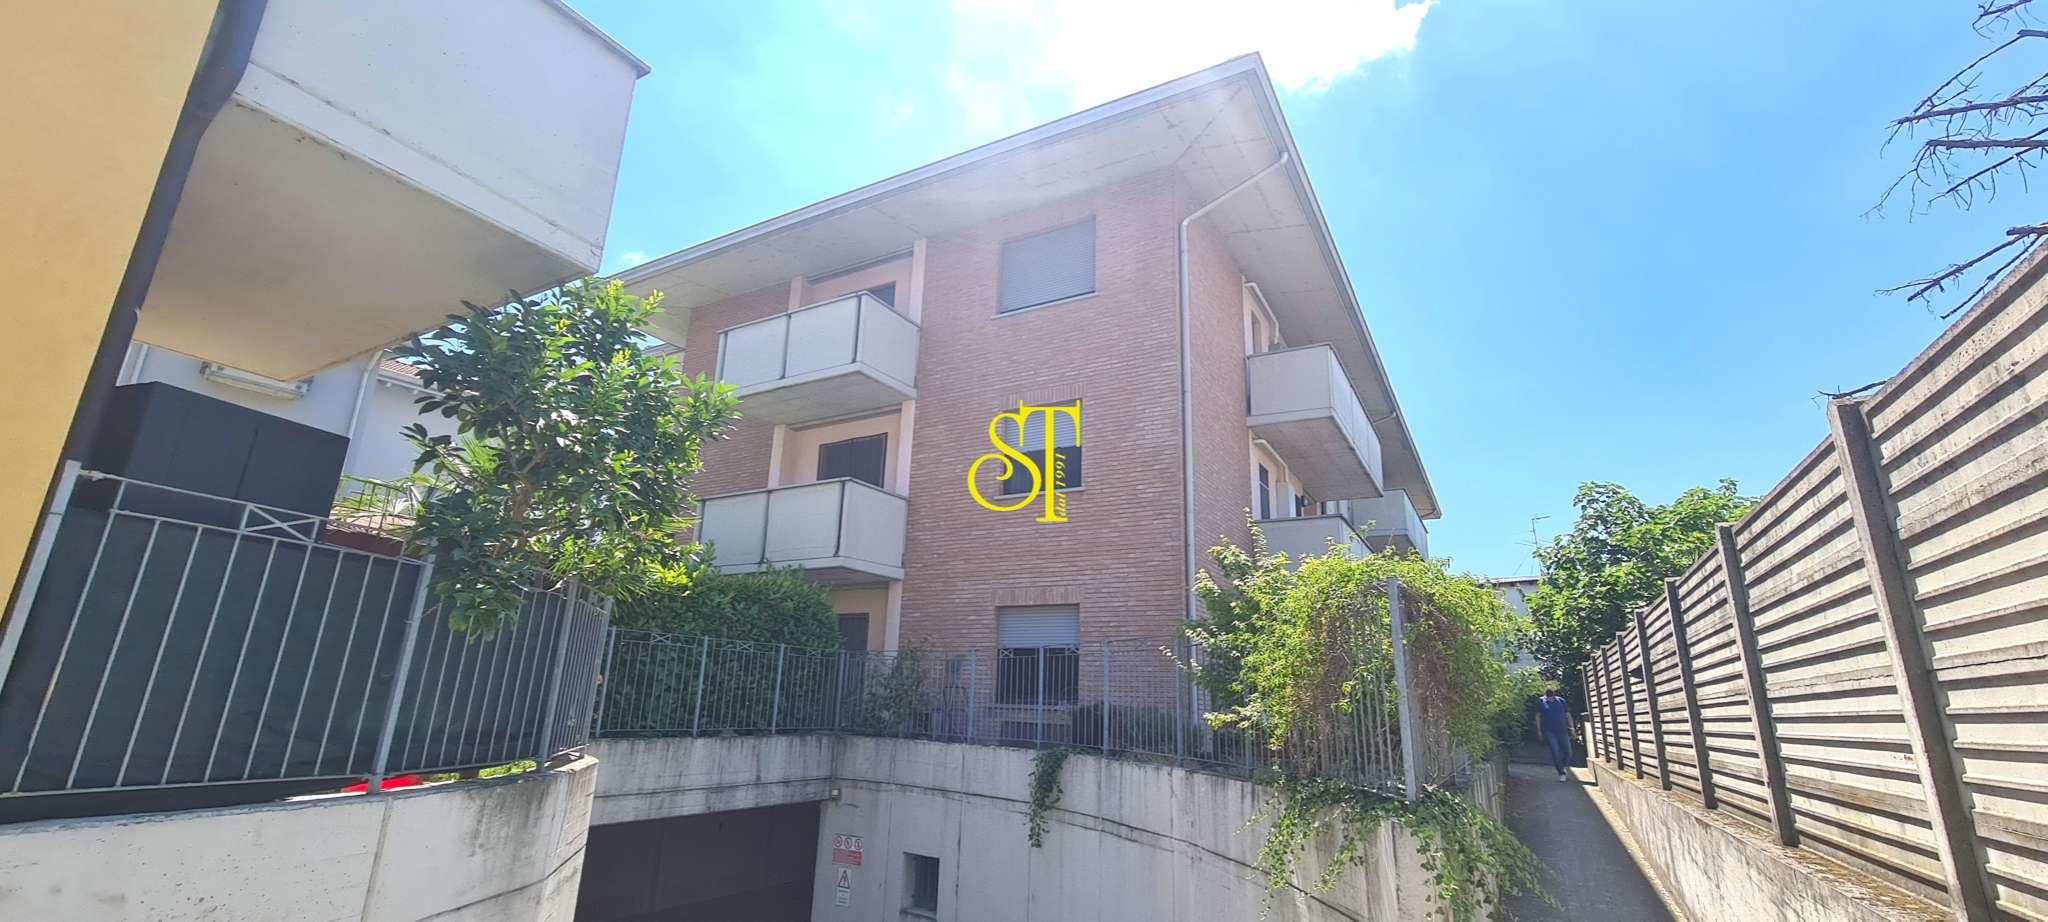 Appartamento in vendita a Fara Gera d'Adda, 2 locali, prezzo € 65.000 | PortaleAgenzieImmobiliari.it